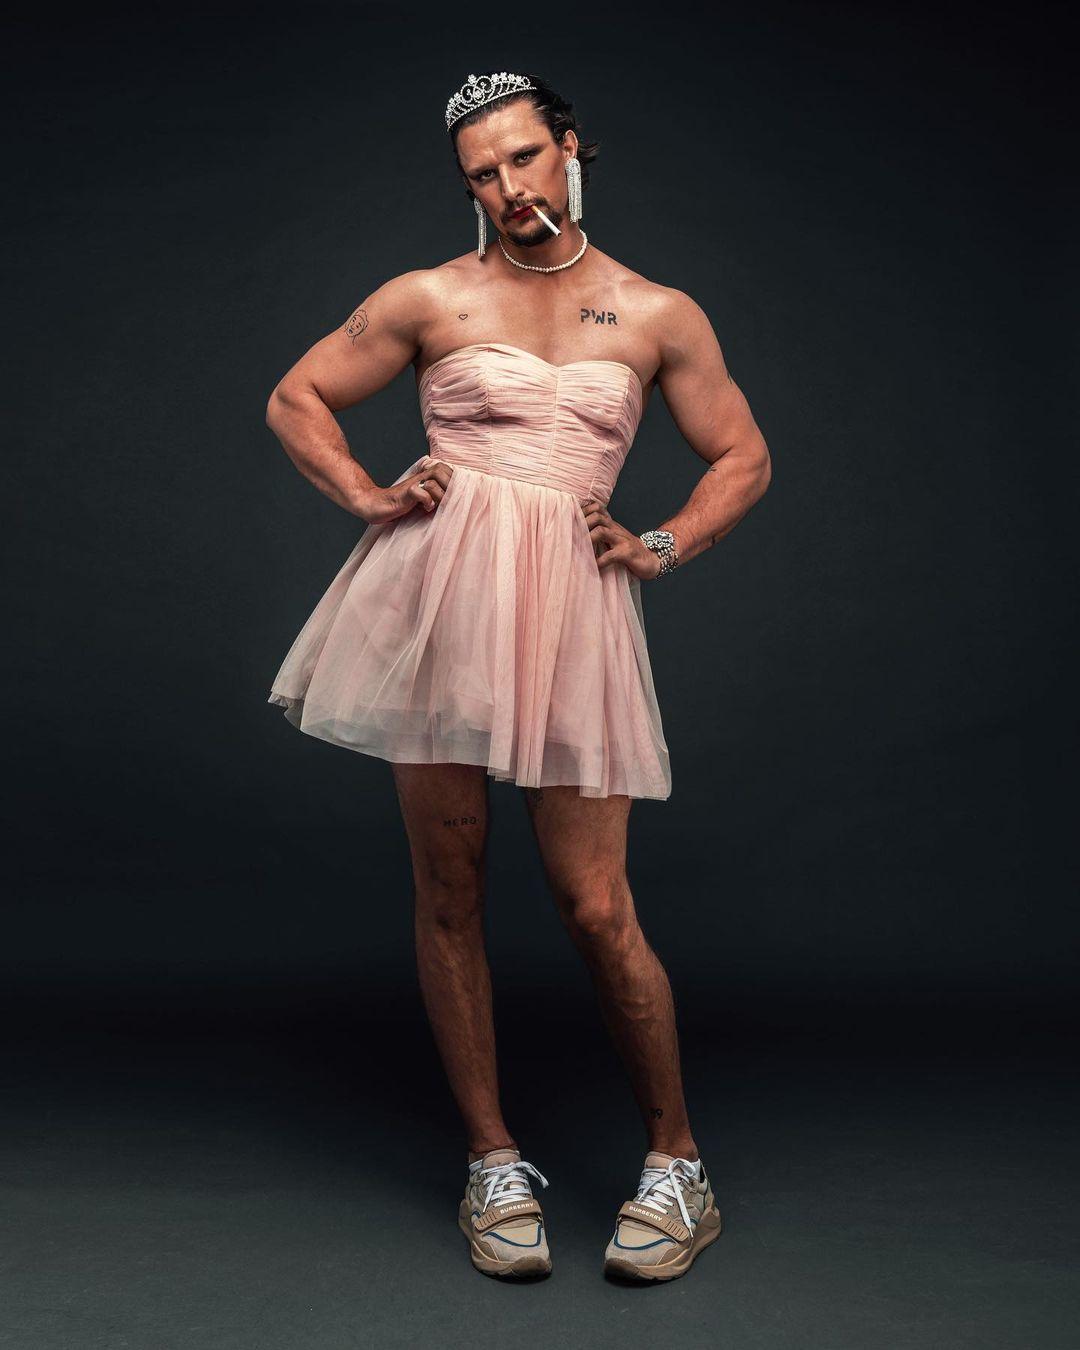 В розовом платье и тиаре: Тарас Цымбалюк ошеломил эпатажным фотосетом